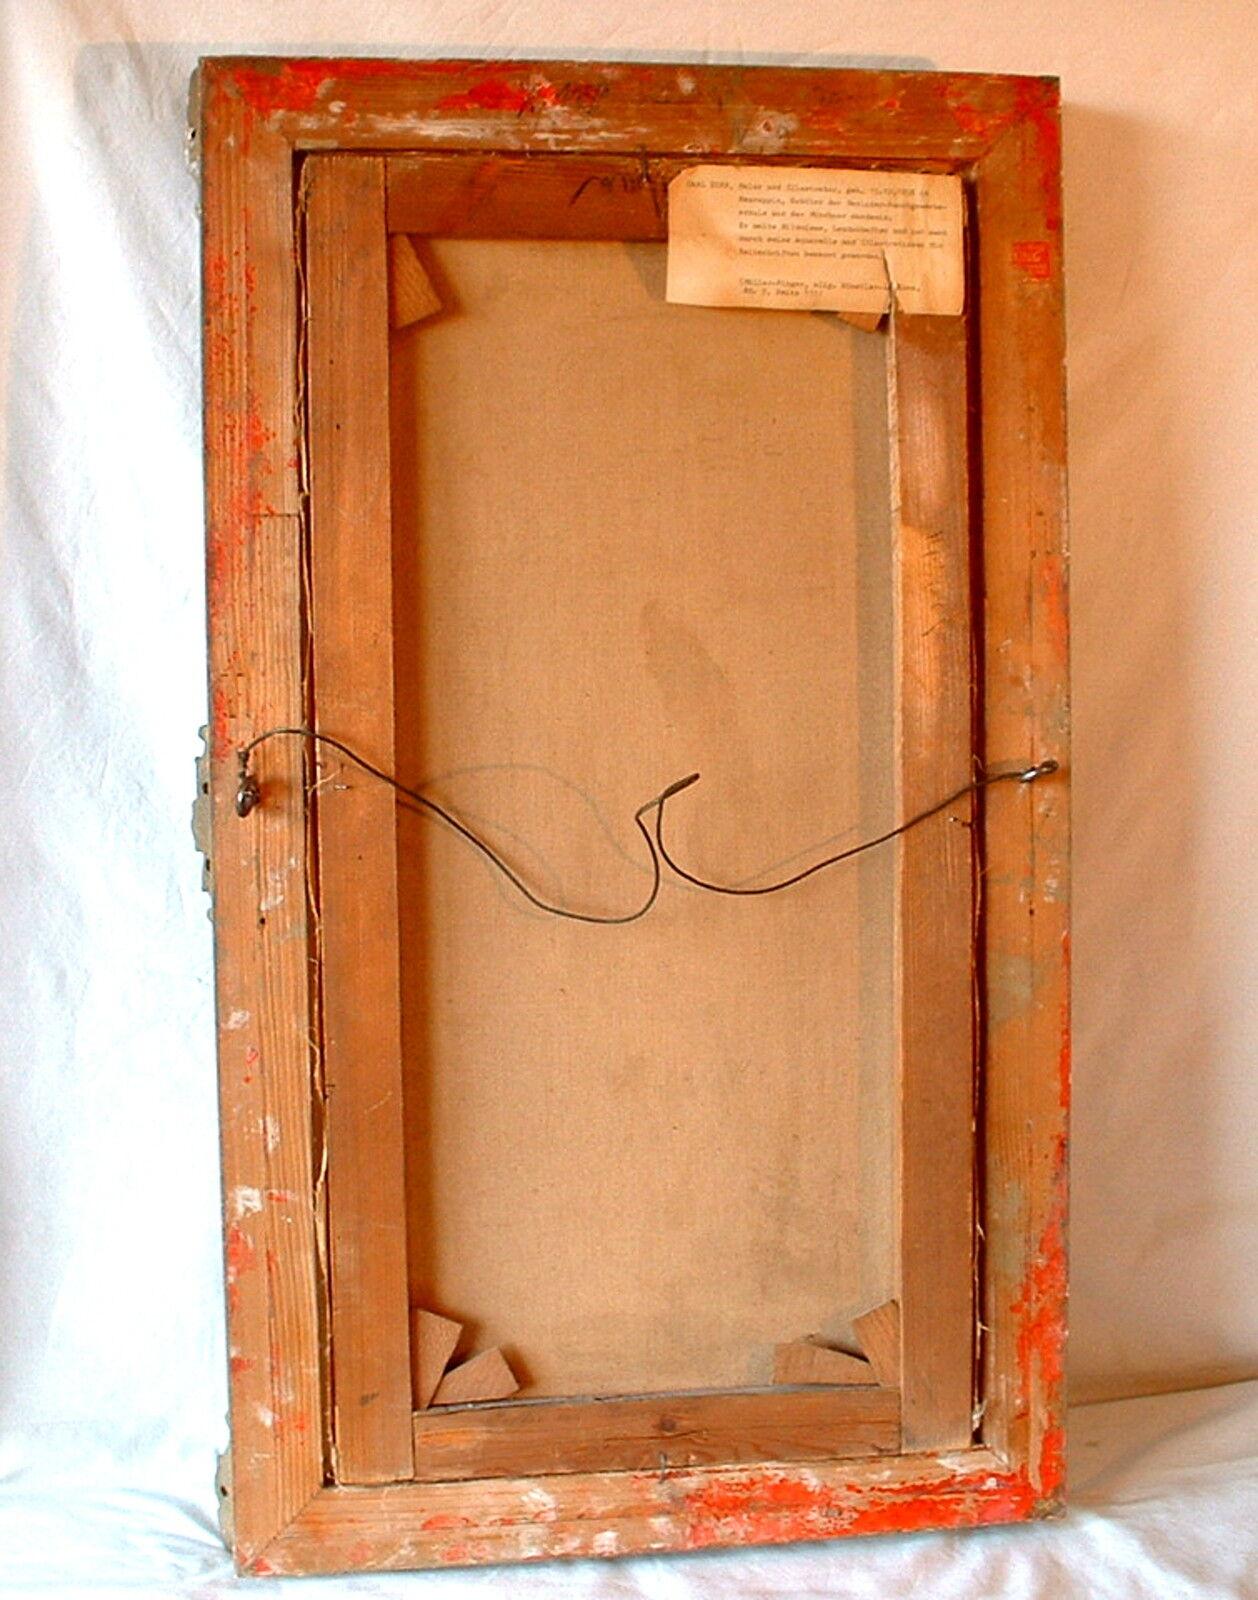 gem lde auerh hne in der steiermark von carl zopf 1858 1944 l auf leinwand eur 990 00. Black Bedroom Furniture Sets. Home Design Ideas